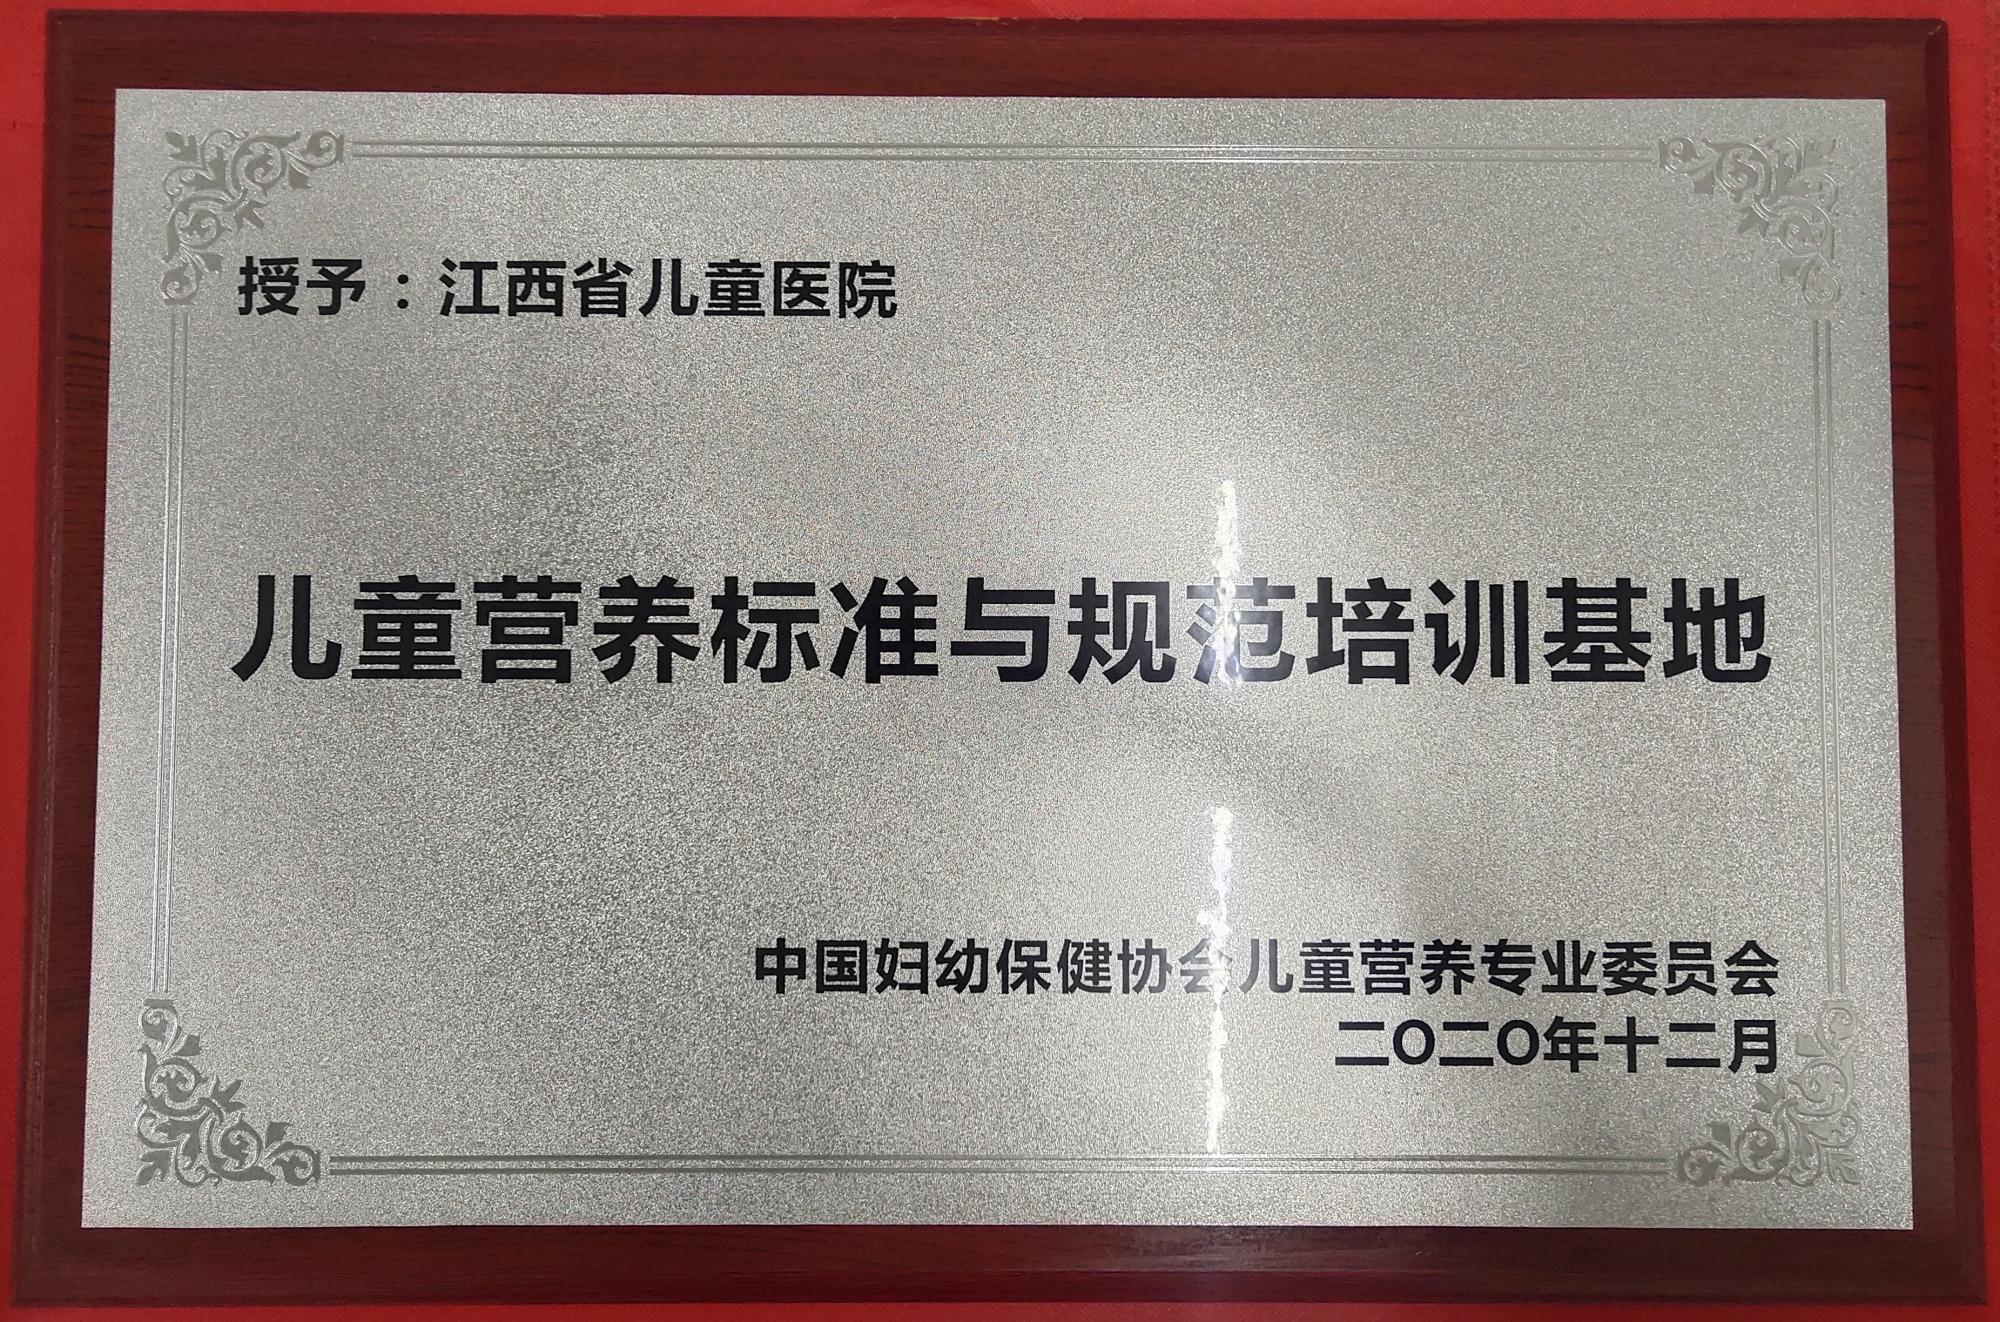 江西省首个全国儿童营养标准化与规范化培训基地落户江西省儿童医院